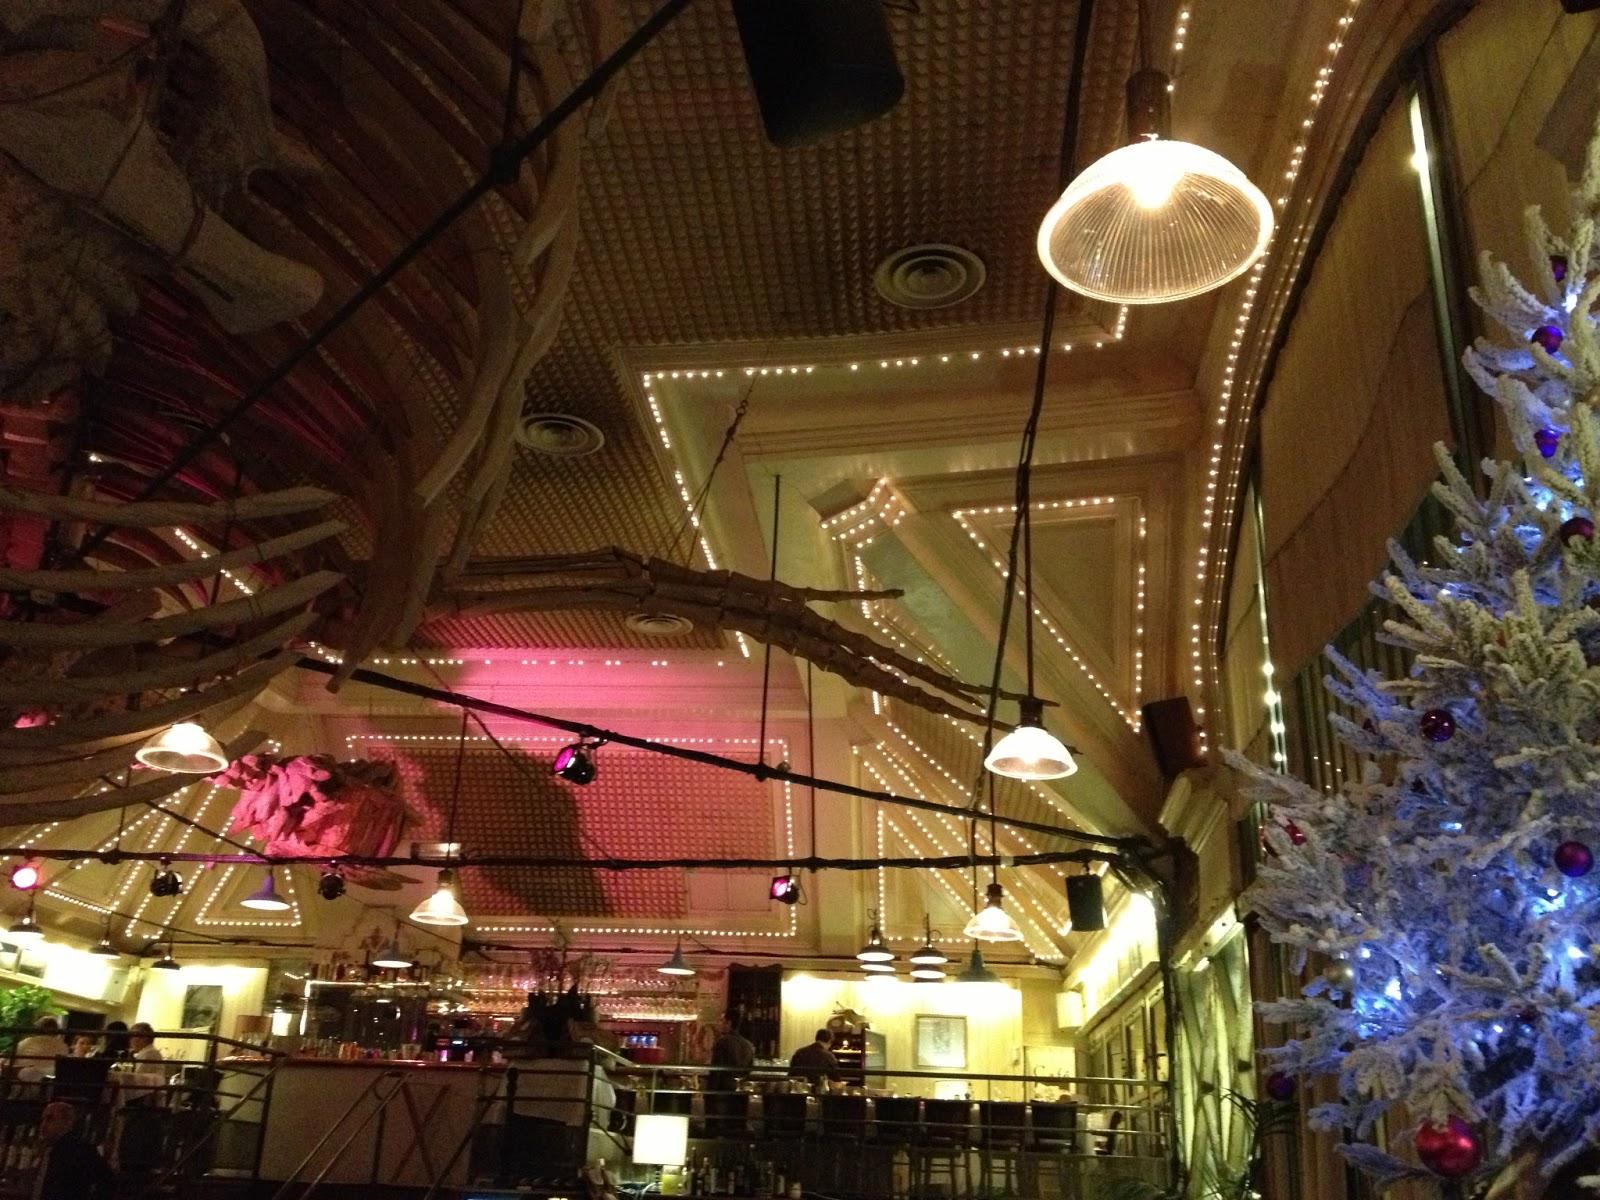 Caf Ef Bf Bd De La Jatte Restaurant